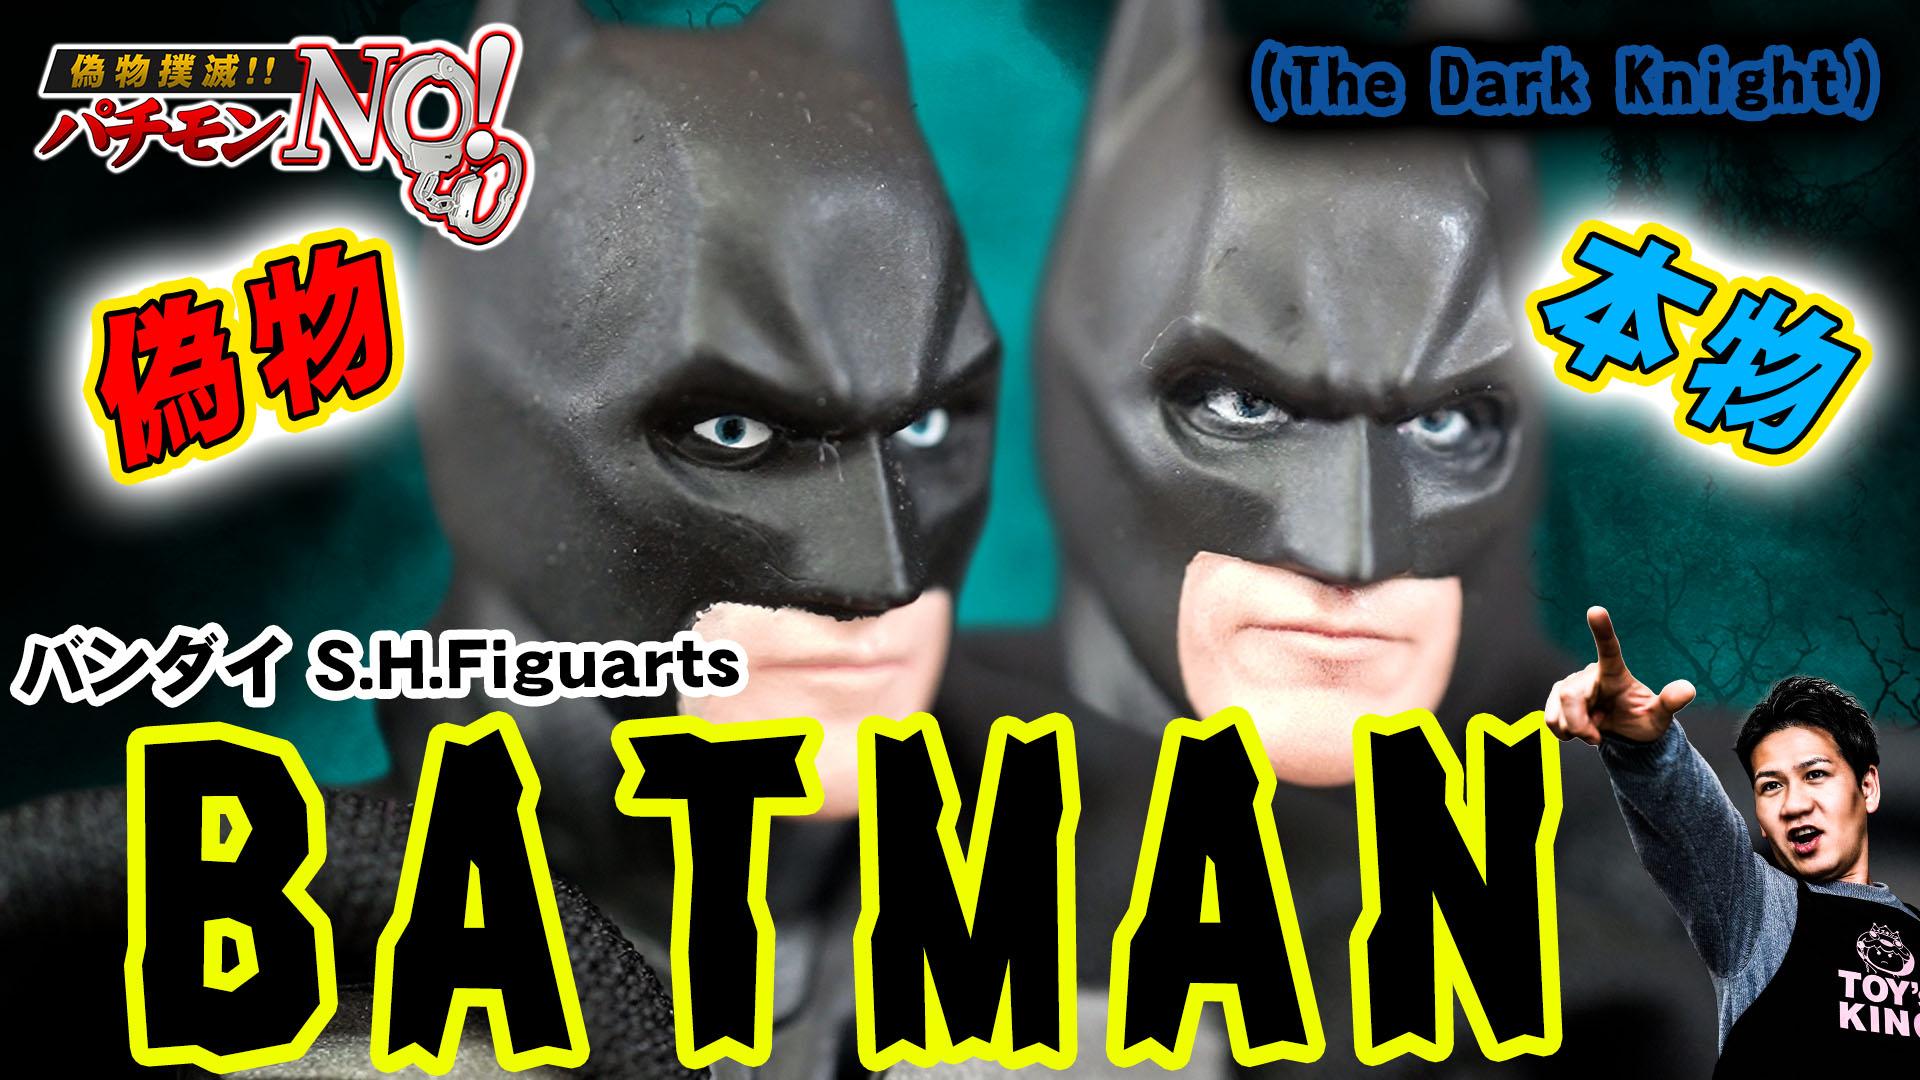 【バットマン】SHフィギュアーツ(ダークナイト)の偽物本物を実物比較!フィギュアーツの偽物はわかりやすい!?パチモンNO!T-BAASE TV